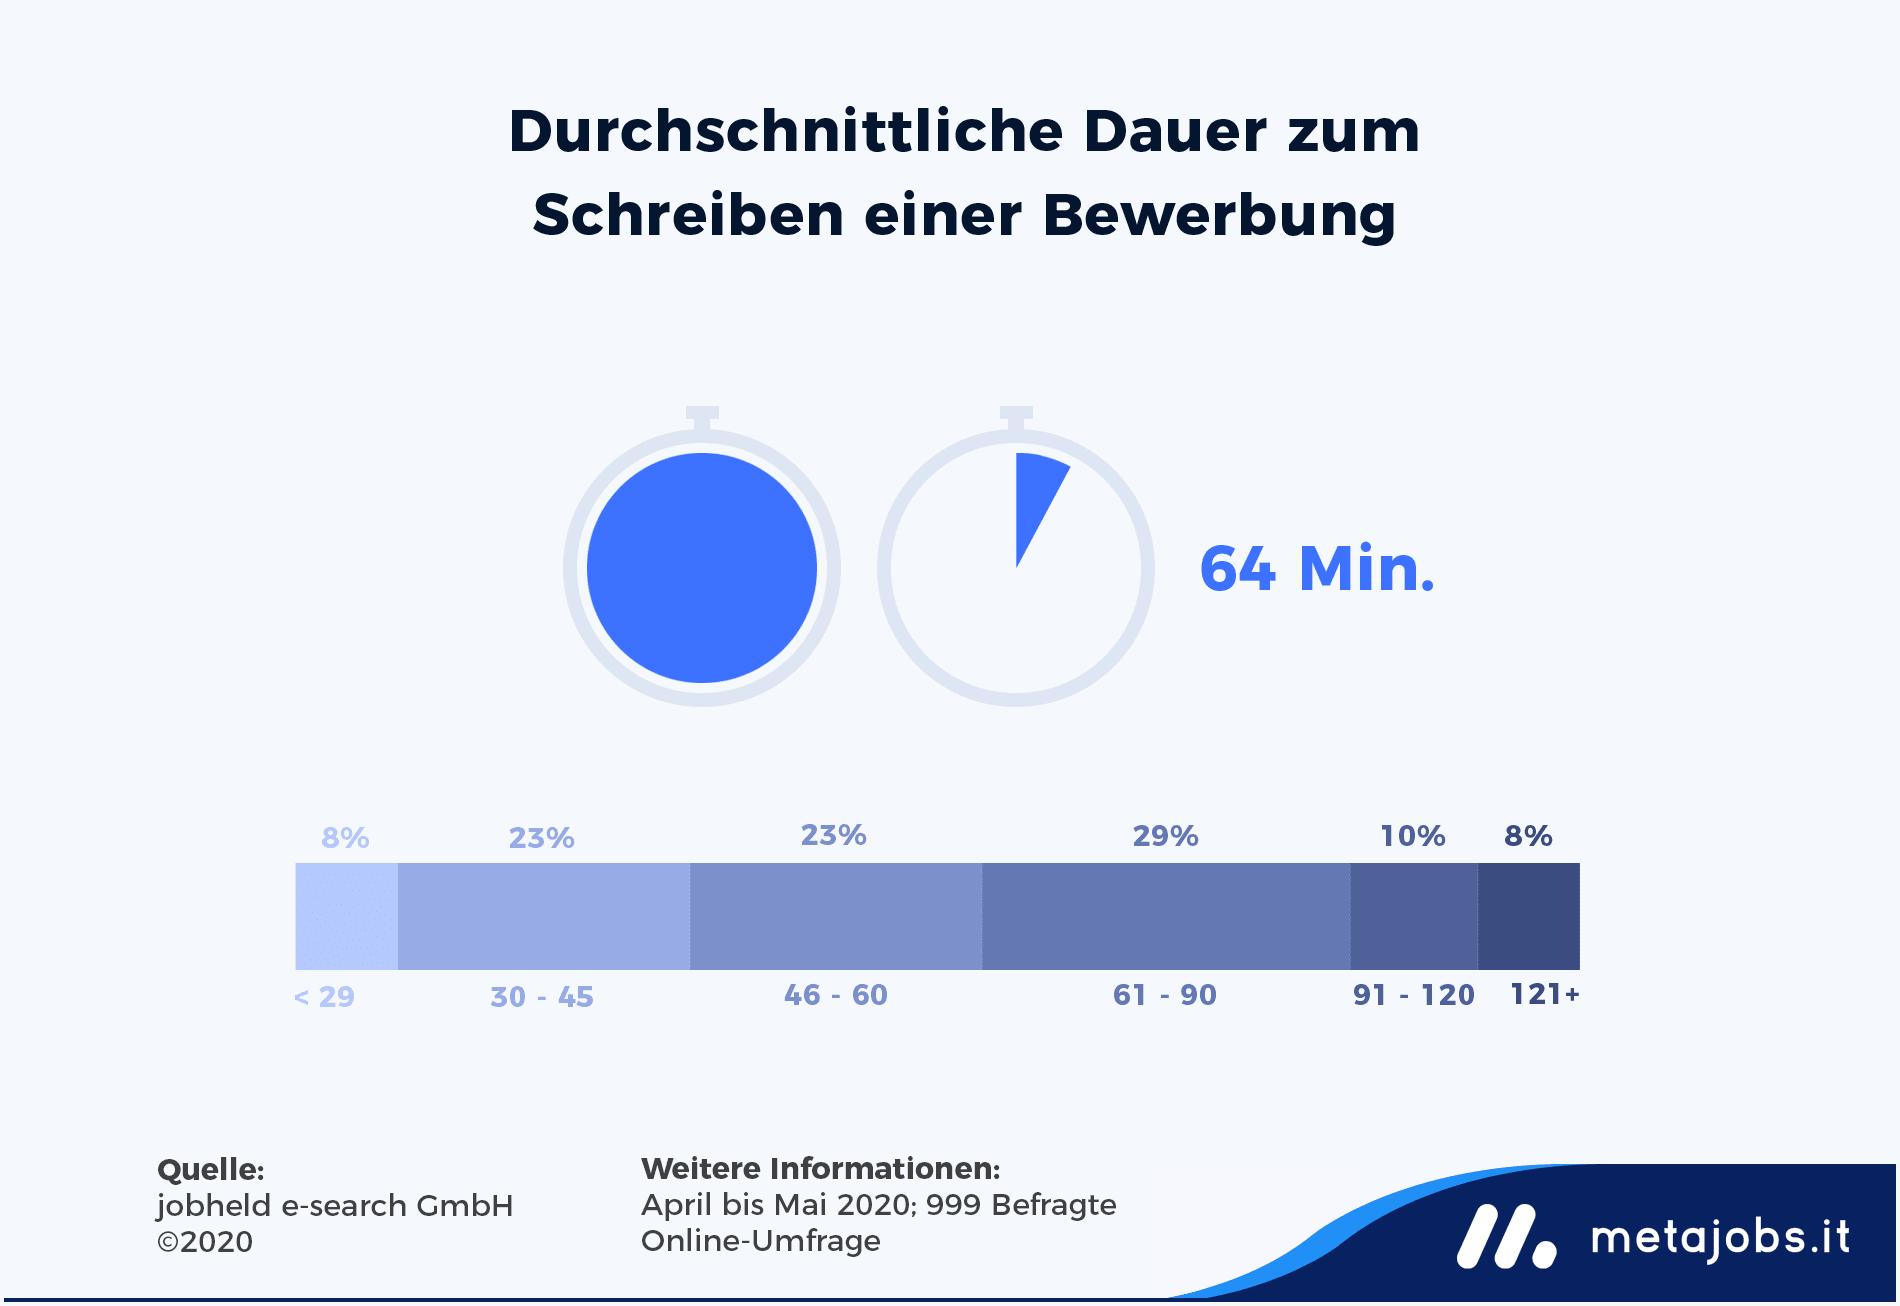 Infografik: Durchschnittliche Dauer zum Schreiben einer Bewerbung | metajobs.it